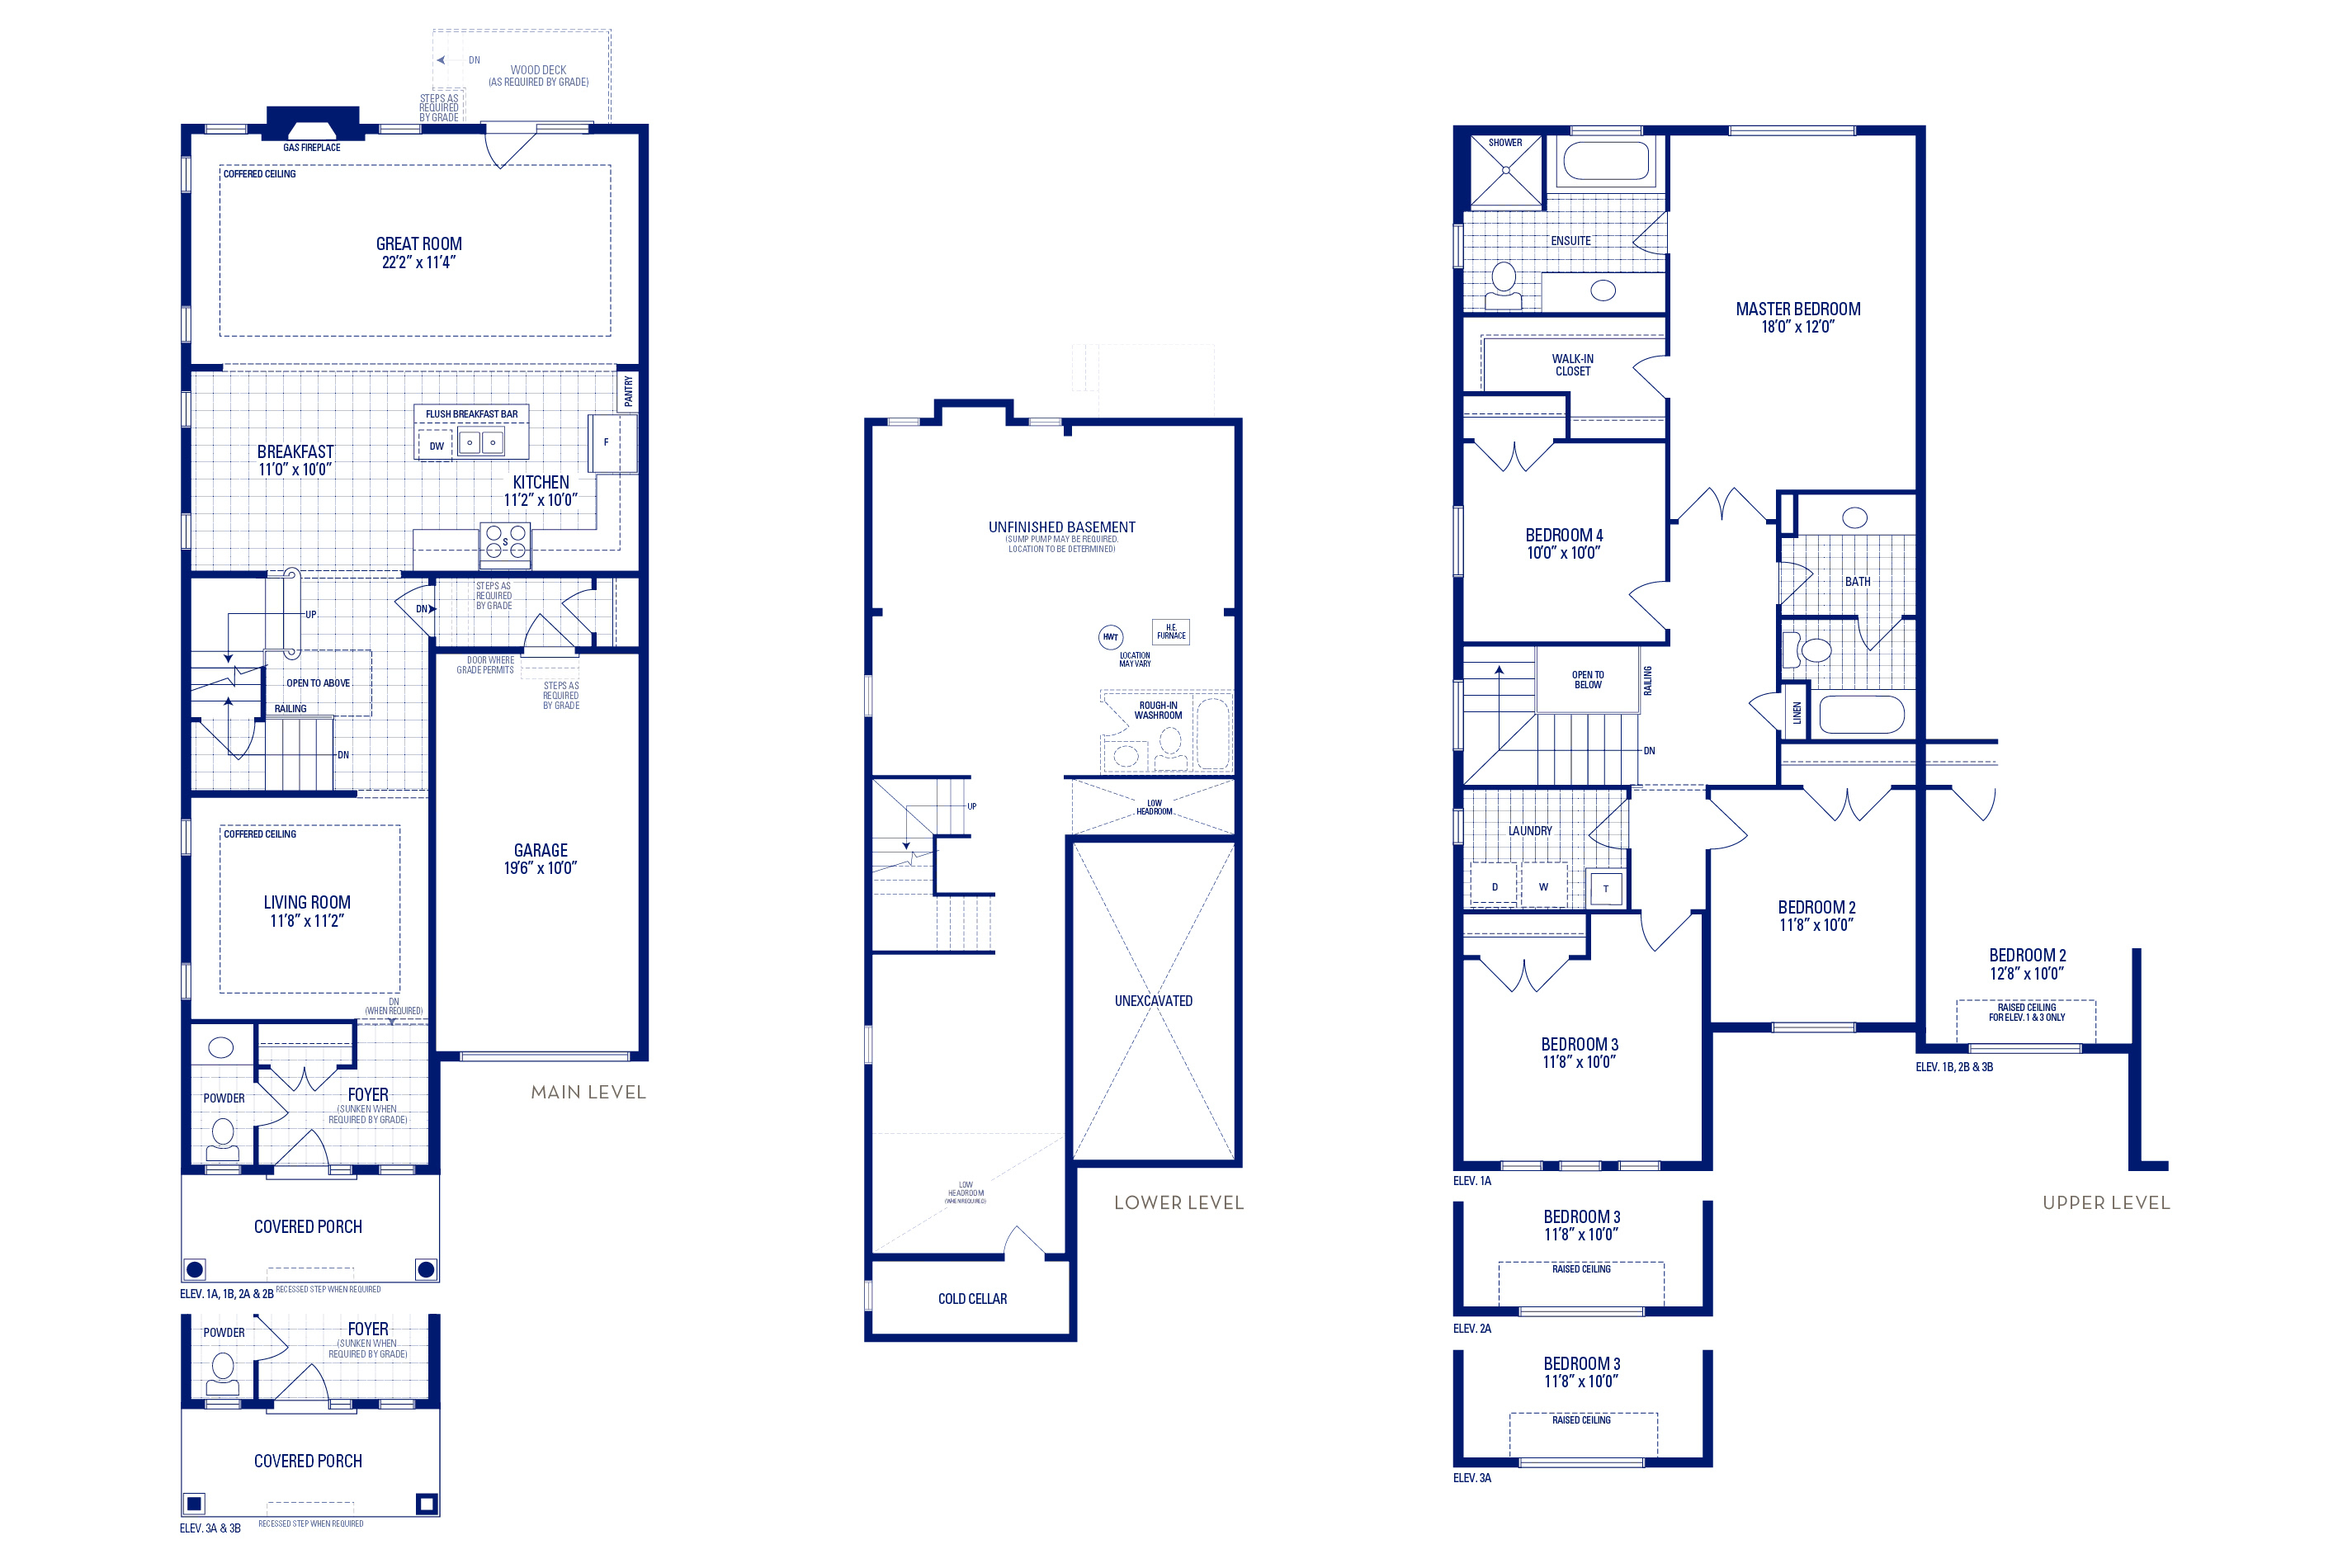 Heritage 04 Elev. 3B Floorplan